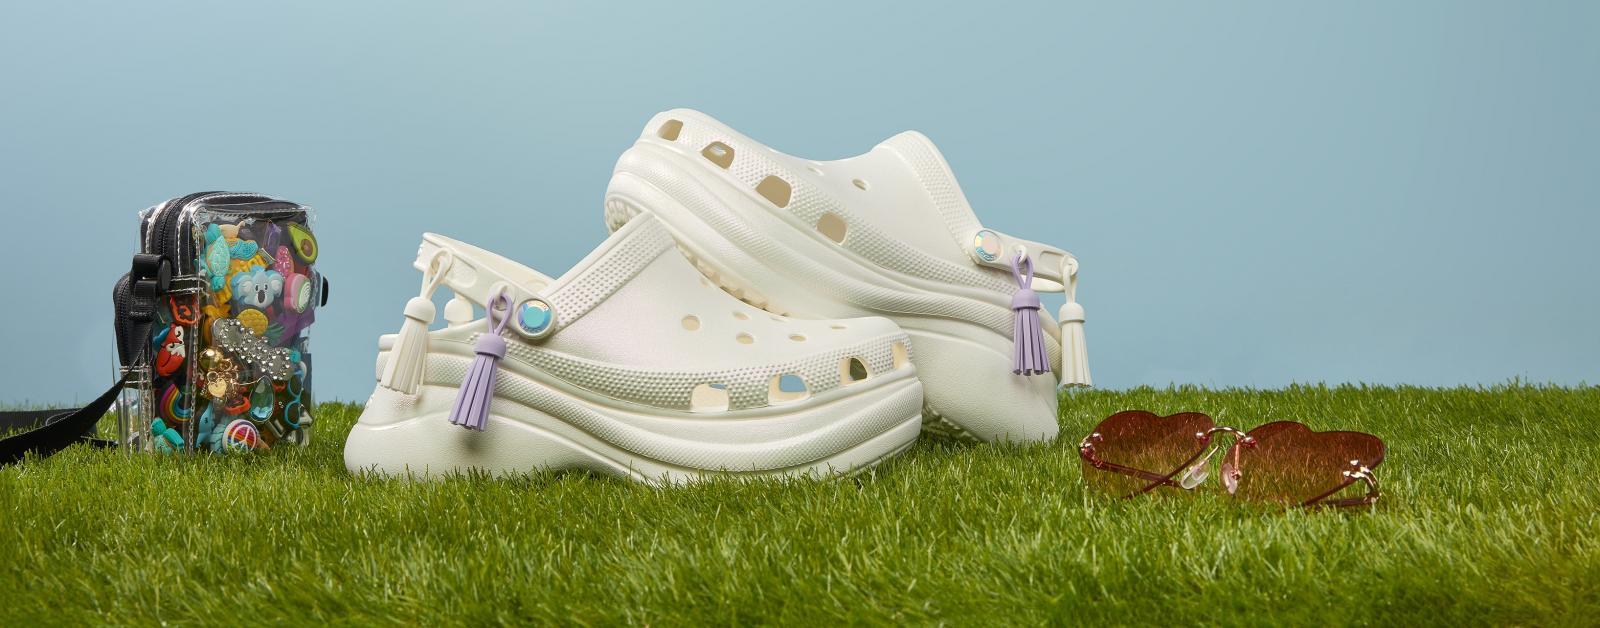 Crocs鞋推薦5樣「內行人精選款」!紫羅蘭色圈粉小賈斯汀,打牌添好運要穿「麻將鞋」-2